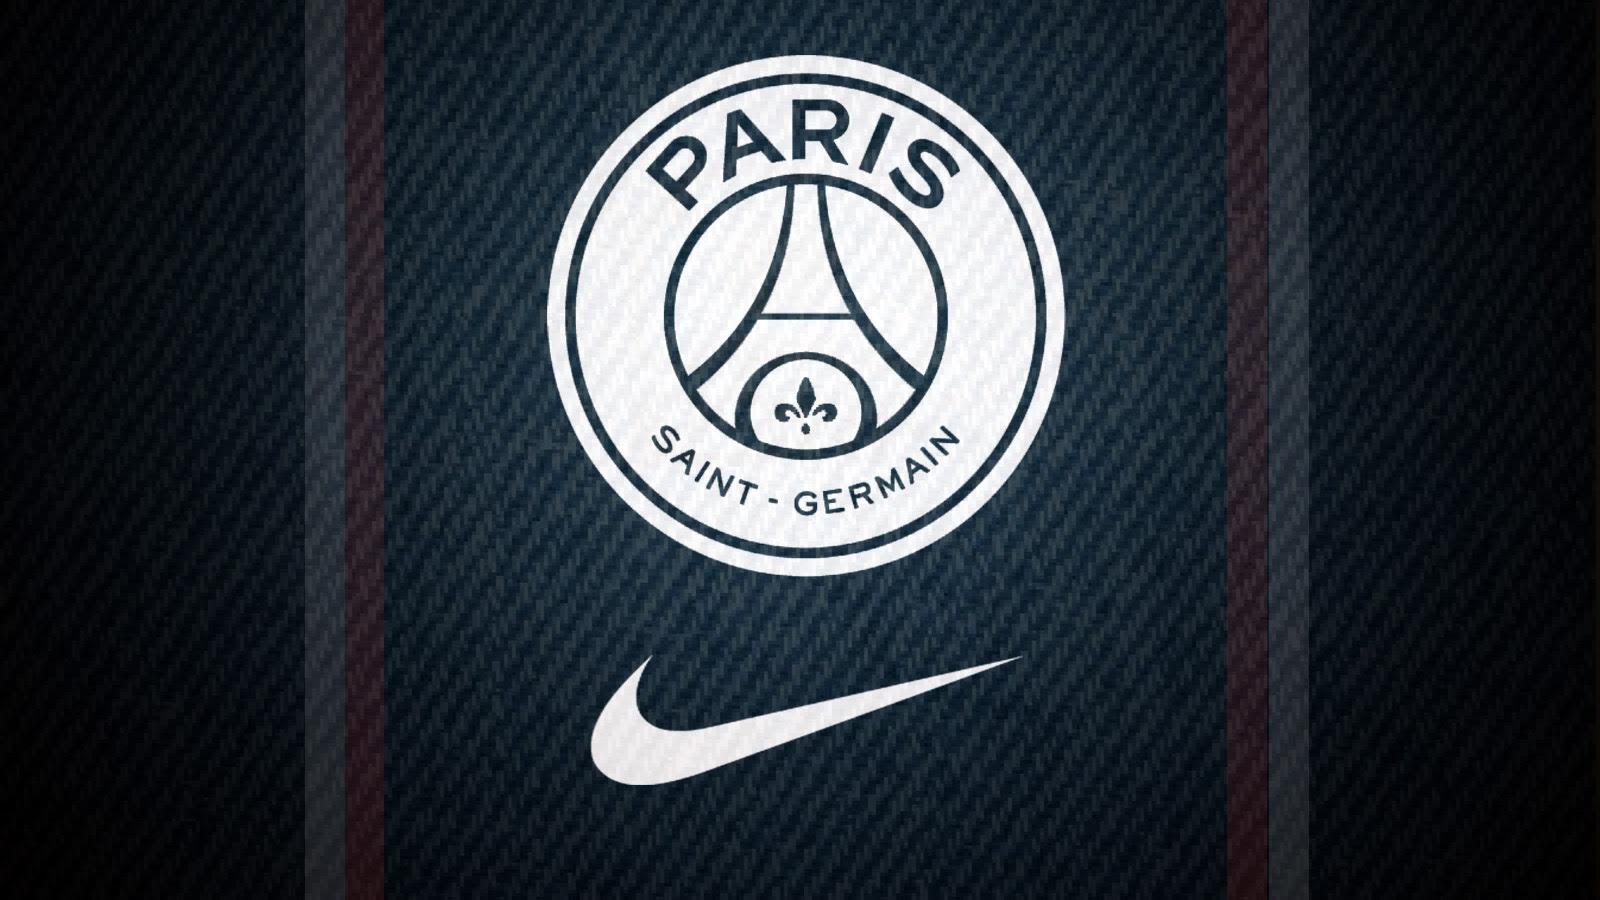 Paris Saint Germain Wallpaper - WallpaperSafari